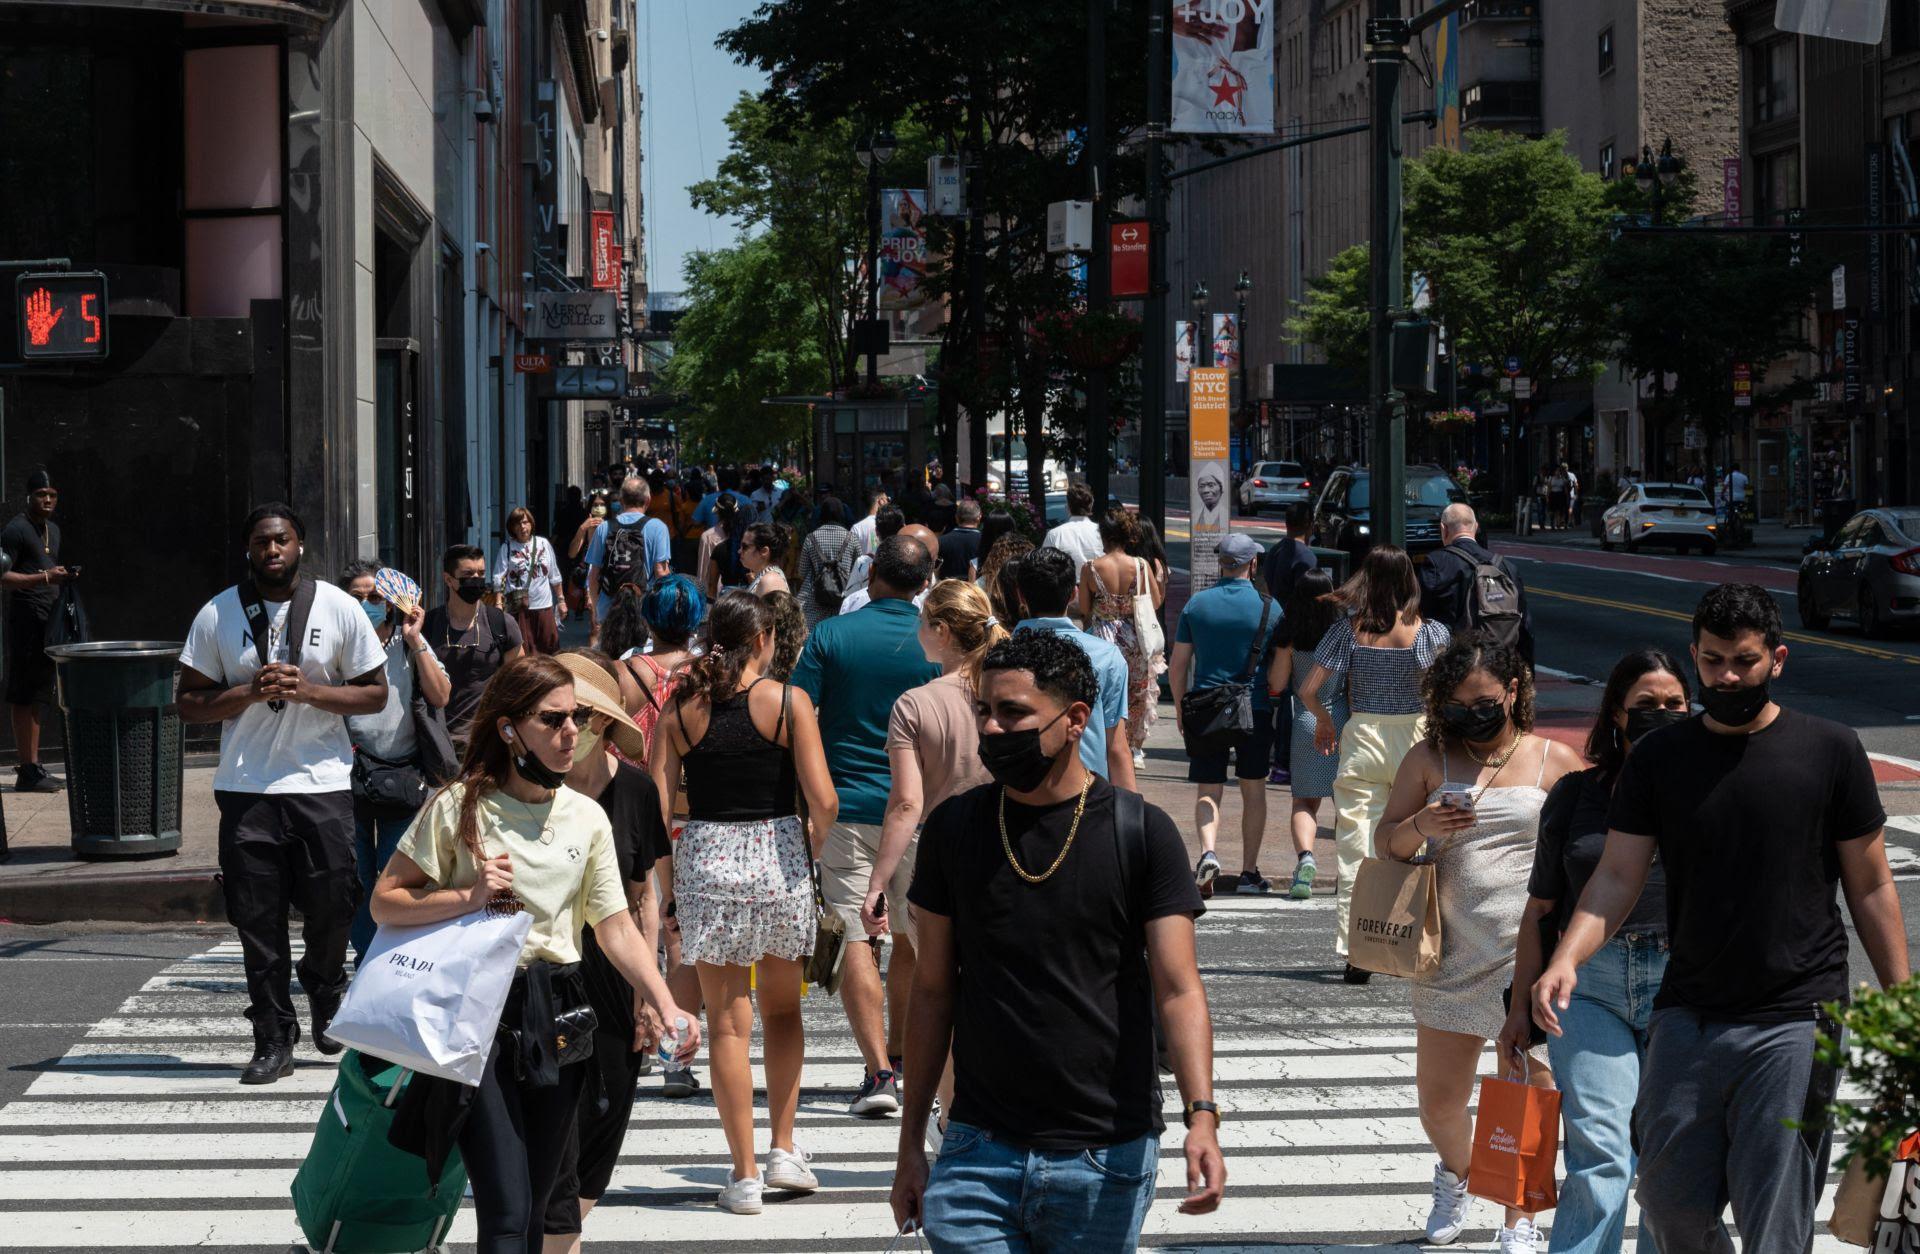 Giá cả thị trường Mỹ trong Tháng Sáu lên cao nhất kể từ 2008 tới nay